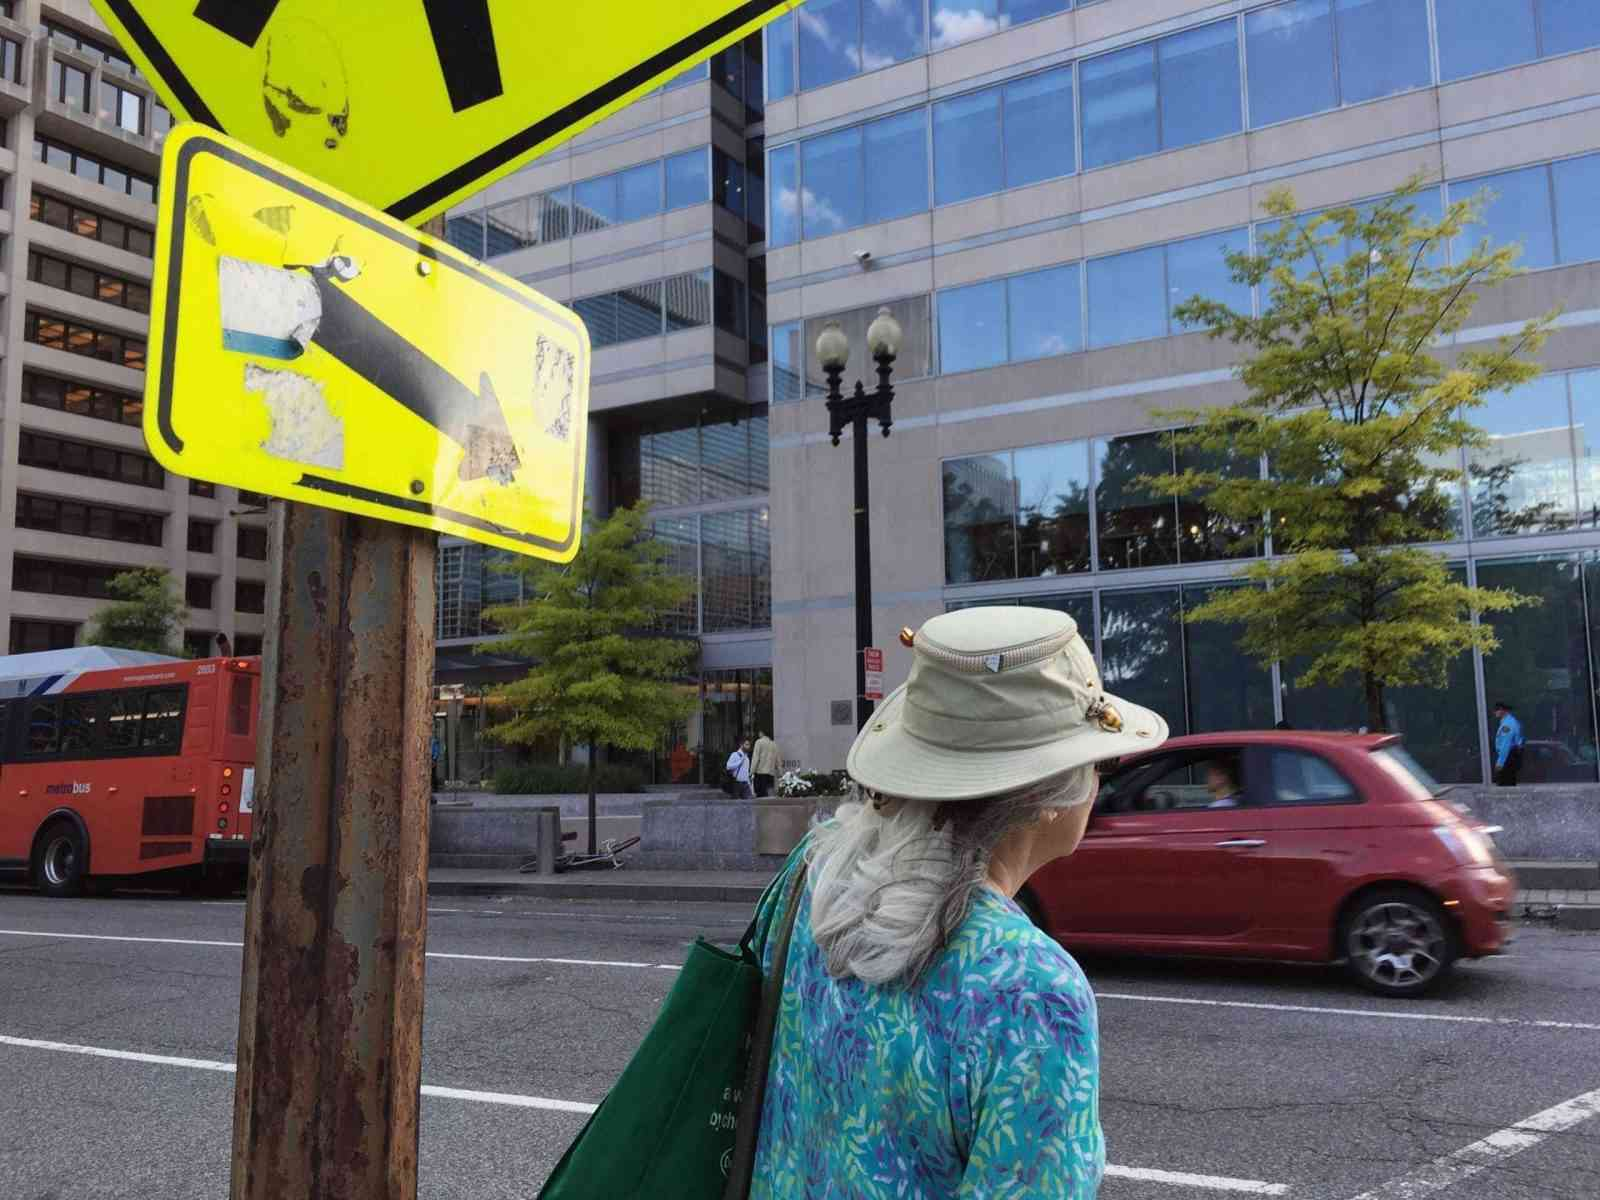 Pedestrians at the corner